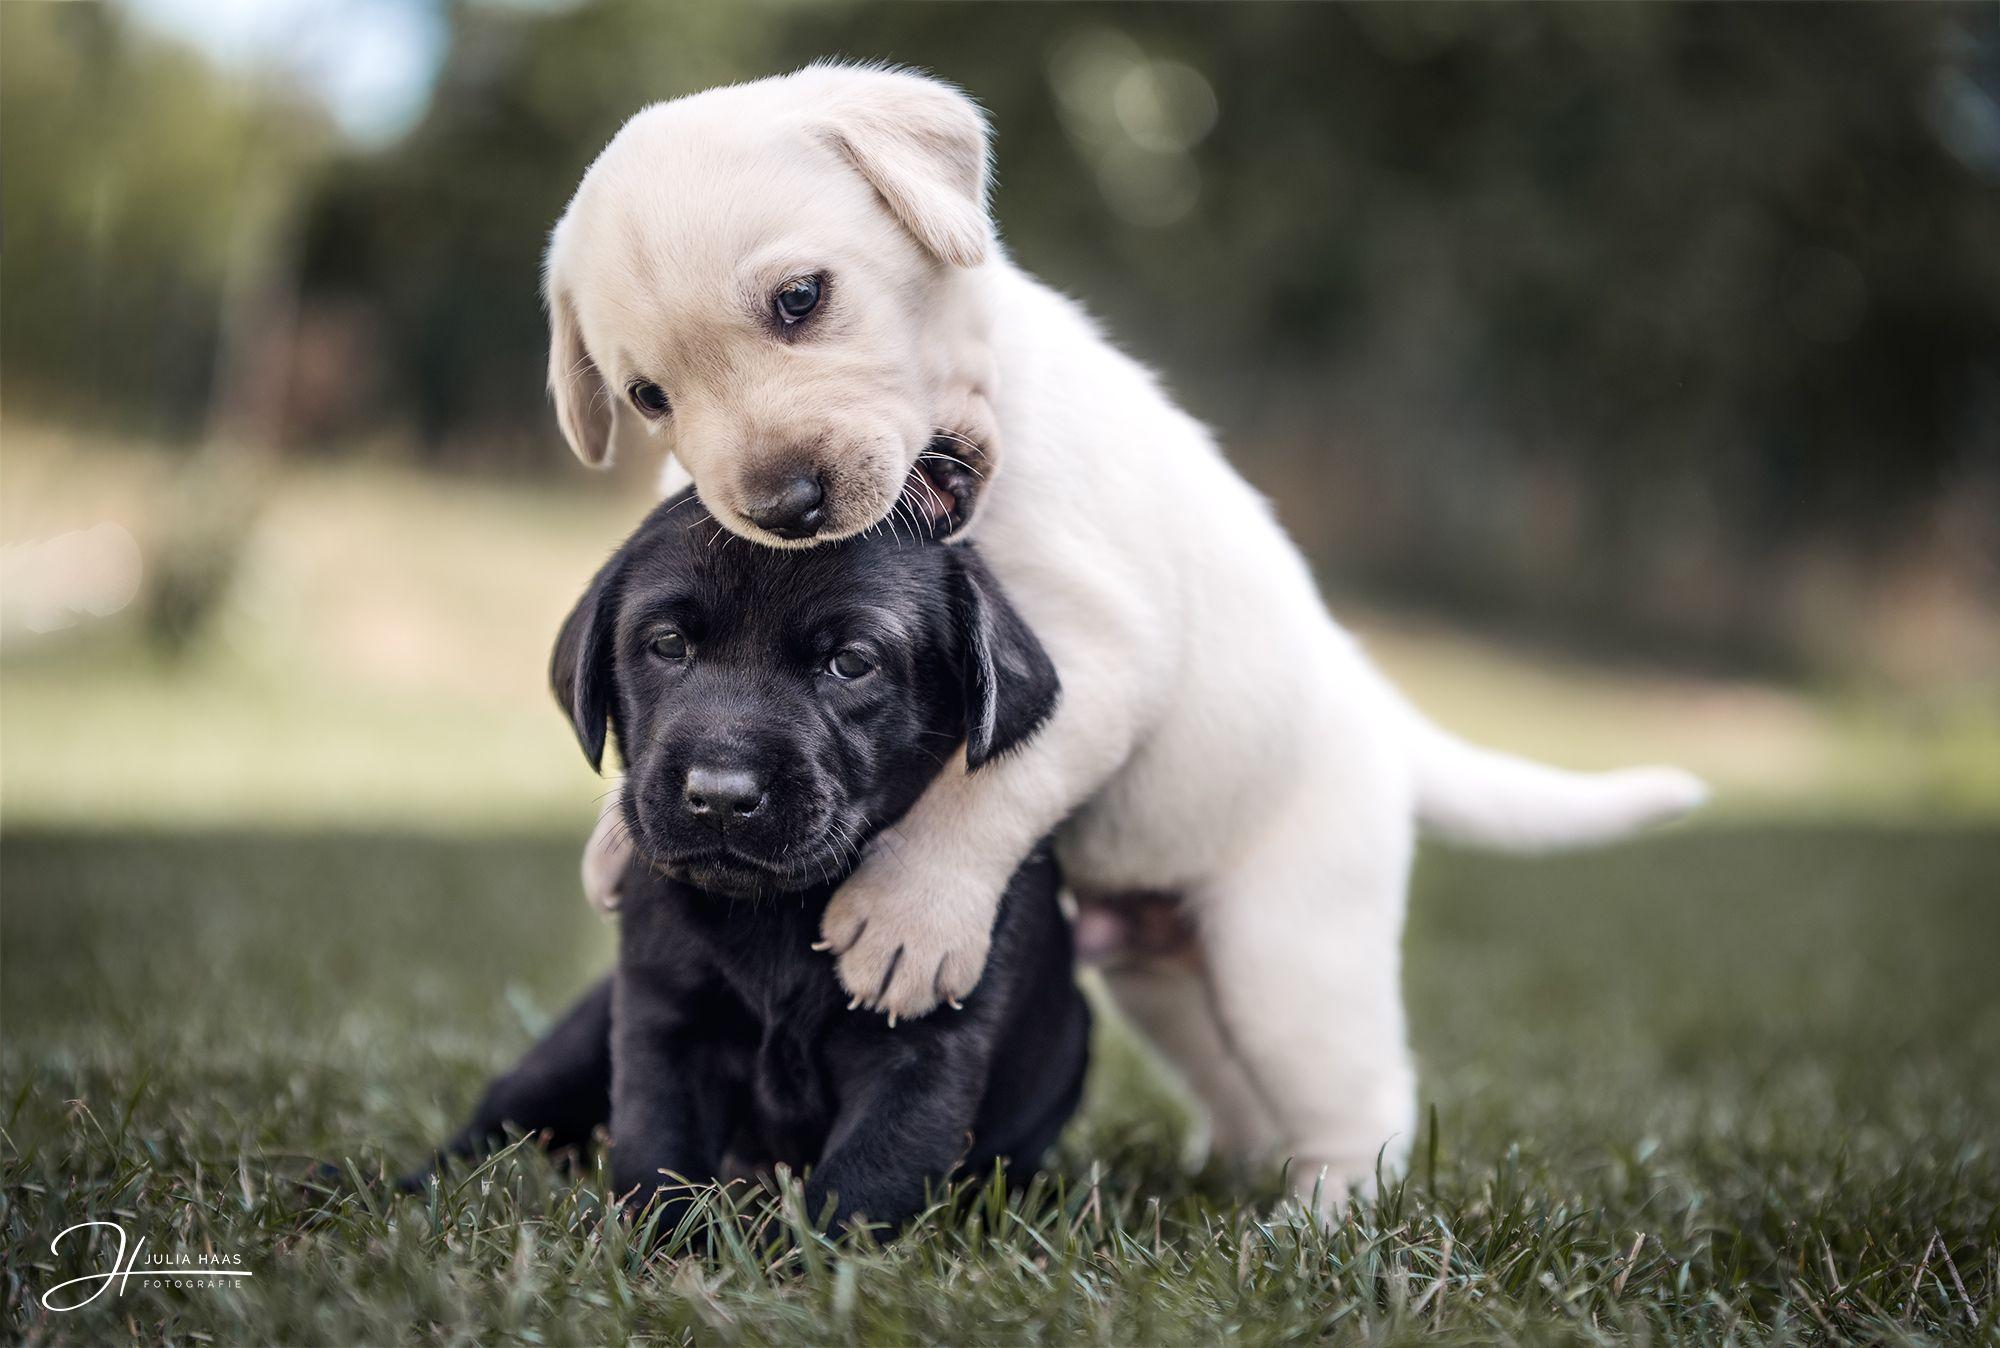 Labrador Welpen Spielen Gemeinsam Hund Dog Tierfotografie Hundekinder Ideen Inspiration Photography Outdoor Photoshop Labradorwelpen Labrador Babytiere